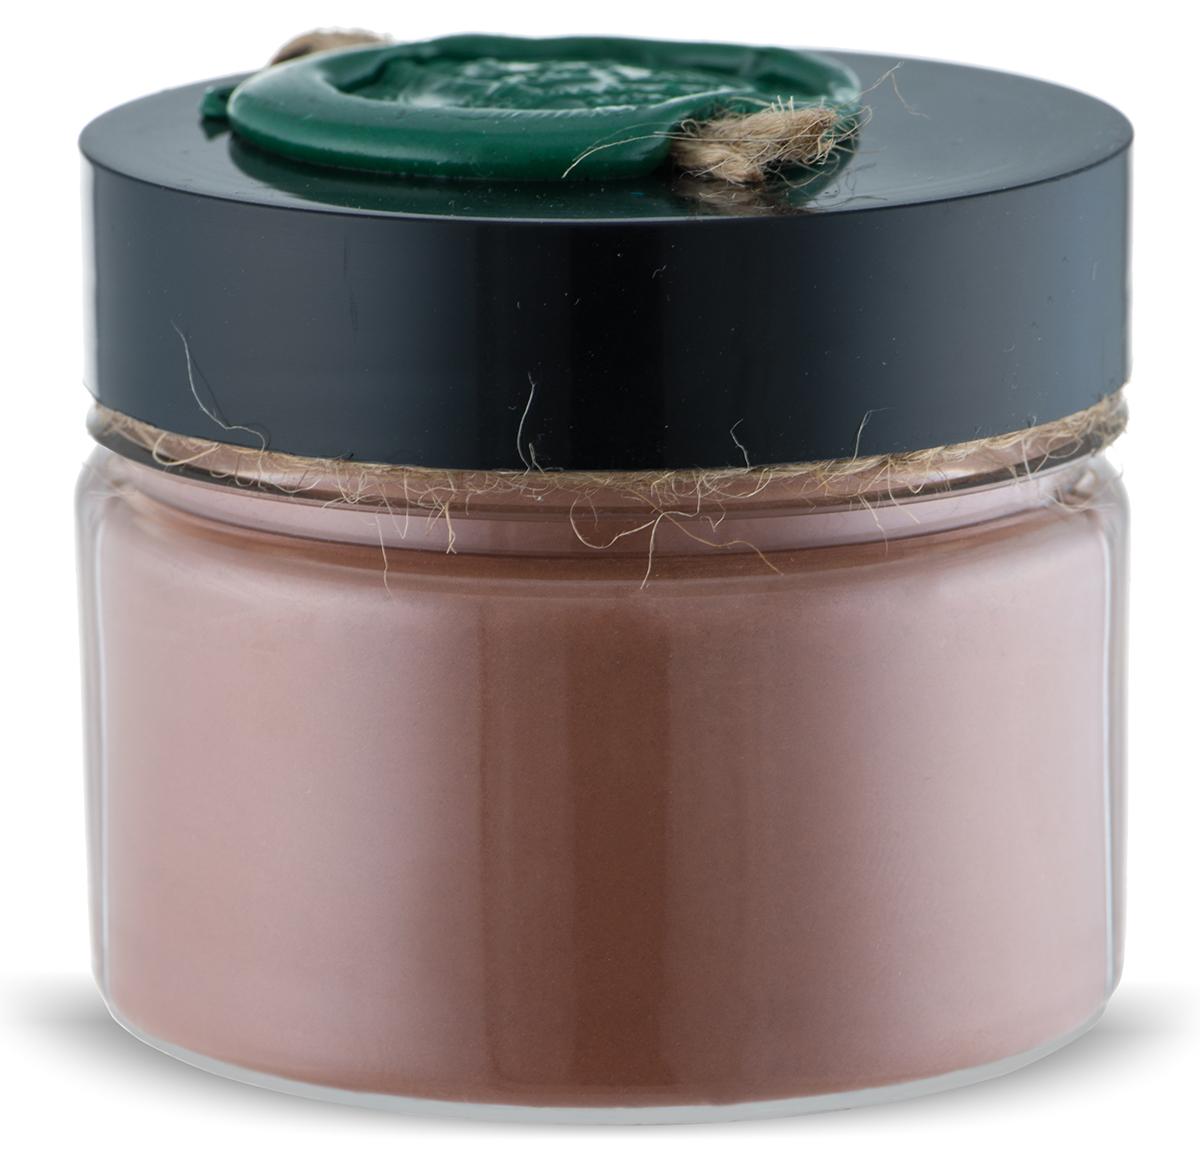 Huilargan Марокканская глина Гассул красная, 100 гFS-00897Марокканская глина гассул Huilargan – это 100% чистый и натуральный продукт, богатый железом и микроэлементами.Марокканская глина гассул активно используется в СПА процедурах для грязевых ванн и обертывания. Гассул является также идеальной маской для жирной кожи и волос. Используется как шампунь или очень мягкое мыло, так как обладает очищающим и смягчающим свойствами, впитывает излишки кожного сала. Не содержит поверхностно-активных веществ и не разрушает защитную пленку кожи или защитную оболочку волос.- Глина 100% натуральная, богатая железом и микроэлементами;- идеальное средство для ухода за чувствительной кожей;- используется как шампунь или очень мягкое мыло;- сильные абсорбирующие и адсорбирующие свойства;- глубоко и бережно очищает;- впитывает излишки кожного сала и регулирует его секрецию;- тонизирует и сужает поры;- гипоаллергенна, поэтому подходит для всех типов кожи, даже для самой чувствительной;- оживляет кожу и волосы;- обладает противоотечным и смягчающим действием;- помогает избавиться от перхоти.Рецепты:Маска для сухой кожиДля этого рецепта вам понадобится:- 2 столовые ложки глины гассул;- 3-4 чайных ложки воды цветков апельсина (можно использовать минеральную воду);- 1 столовая ложка арганового масла.Хорошо перемешайте все компоненты до образования густой однородной пасты.Нанесите маску на кожу лица, избегая чувствительной области вокруг глаз.Оставьте на 15 минут. Смойте маску теплой водой.Маска для жирной кожиАналогично маски для сухой кожи, просто замените аргановое масло лимонным соком.Маска для жирных волосДля этого рецепта вам понадобится:- 2 столовые ложки глины гассул;- теплая вода;- лимонный сок.Смешайте глину гассул с теплой водой (смесь должна иметь вязкость как шампунь).Нанесите по всей длине волос и на кожу головы и помассируйте. Оставьте маску на пятнадцать минут. Затем тщательно промойте волосы водой, добавив лимонный сок в последнюю воду для ополаскивания. Такая маска – это 